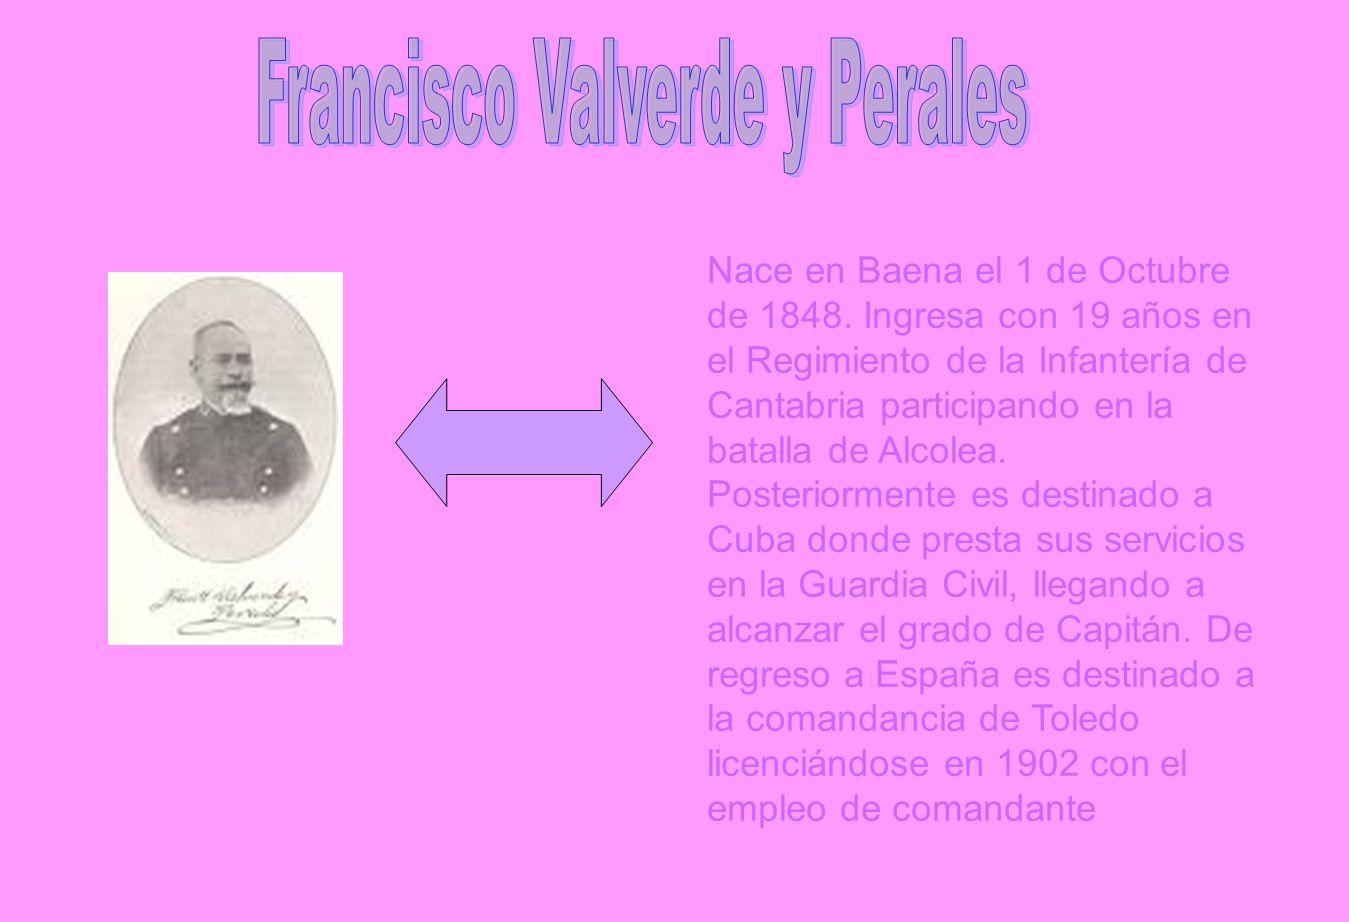 Francisco Valverde y Perales